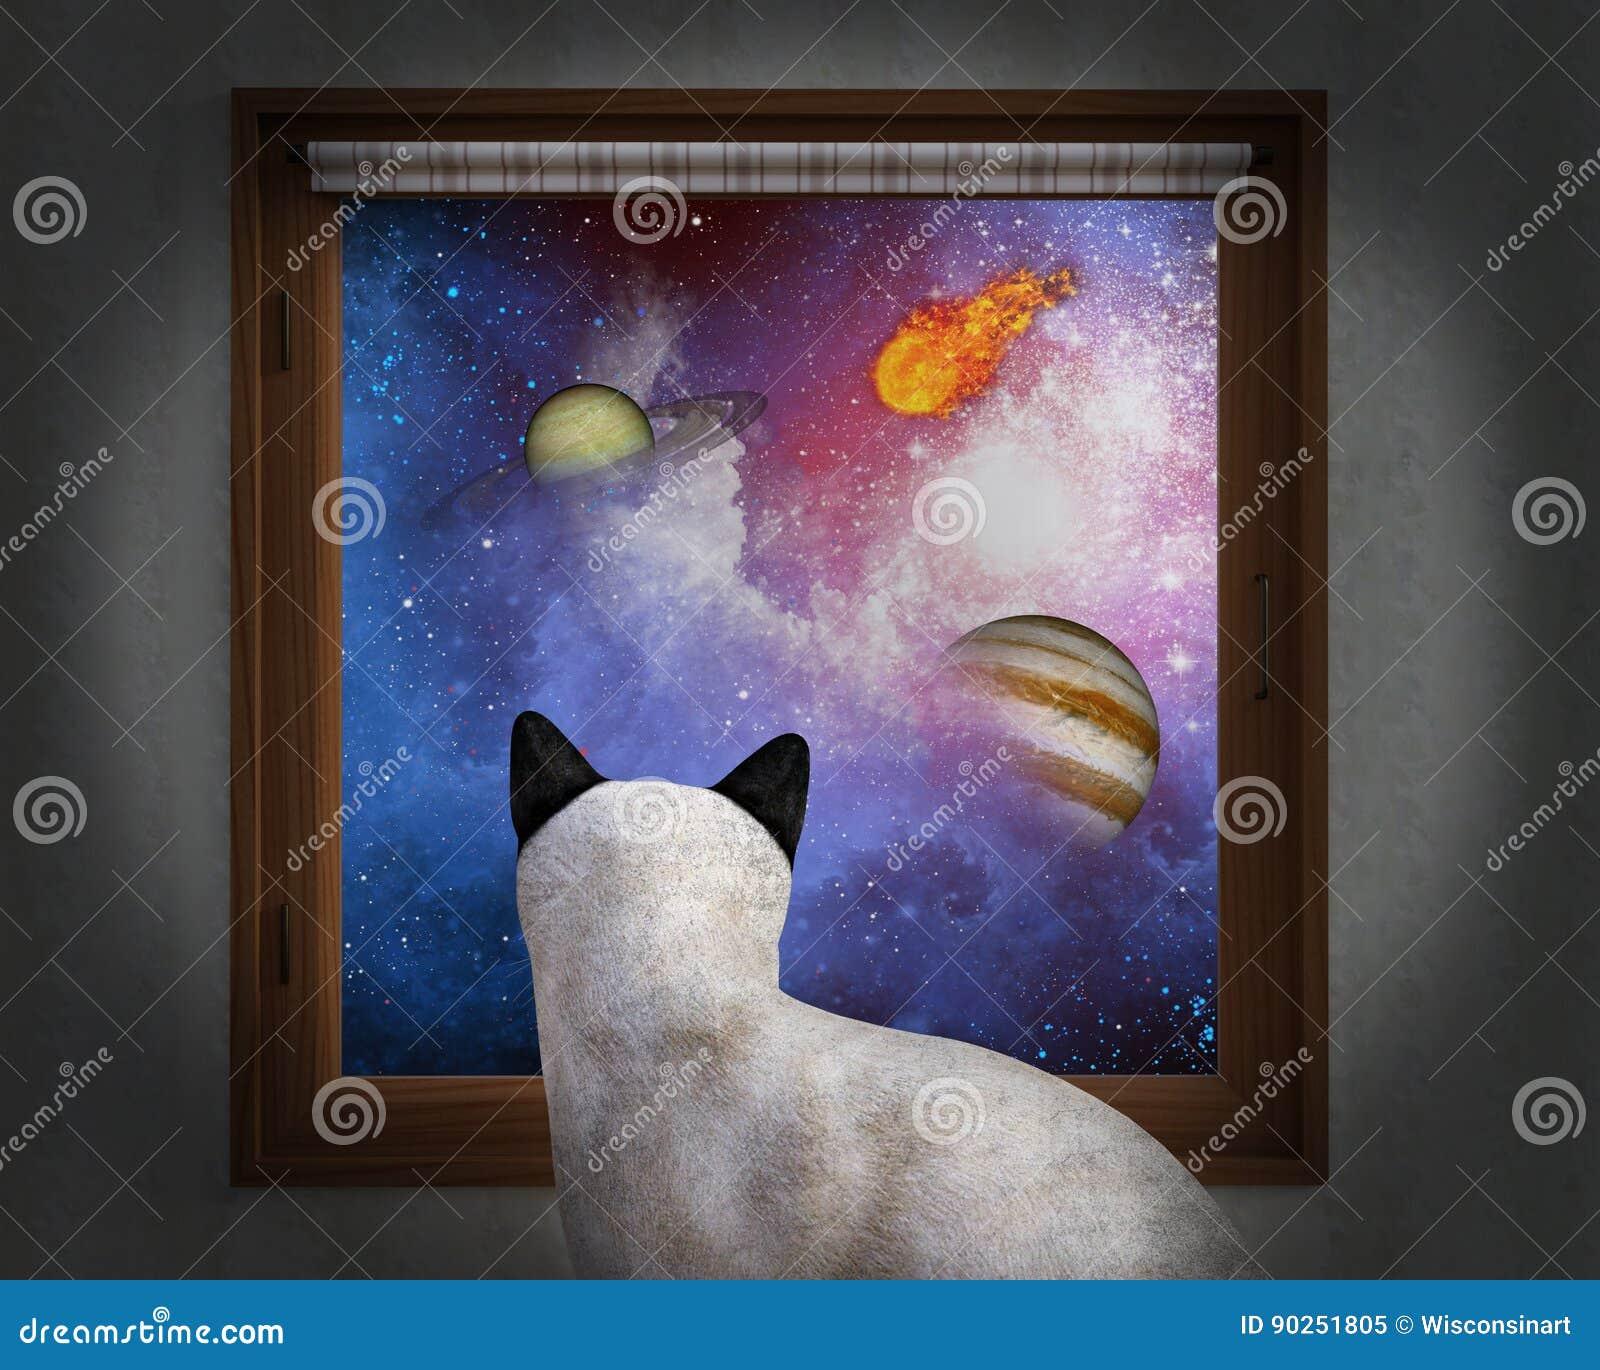 Кот сидит окно, звезды, планеты